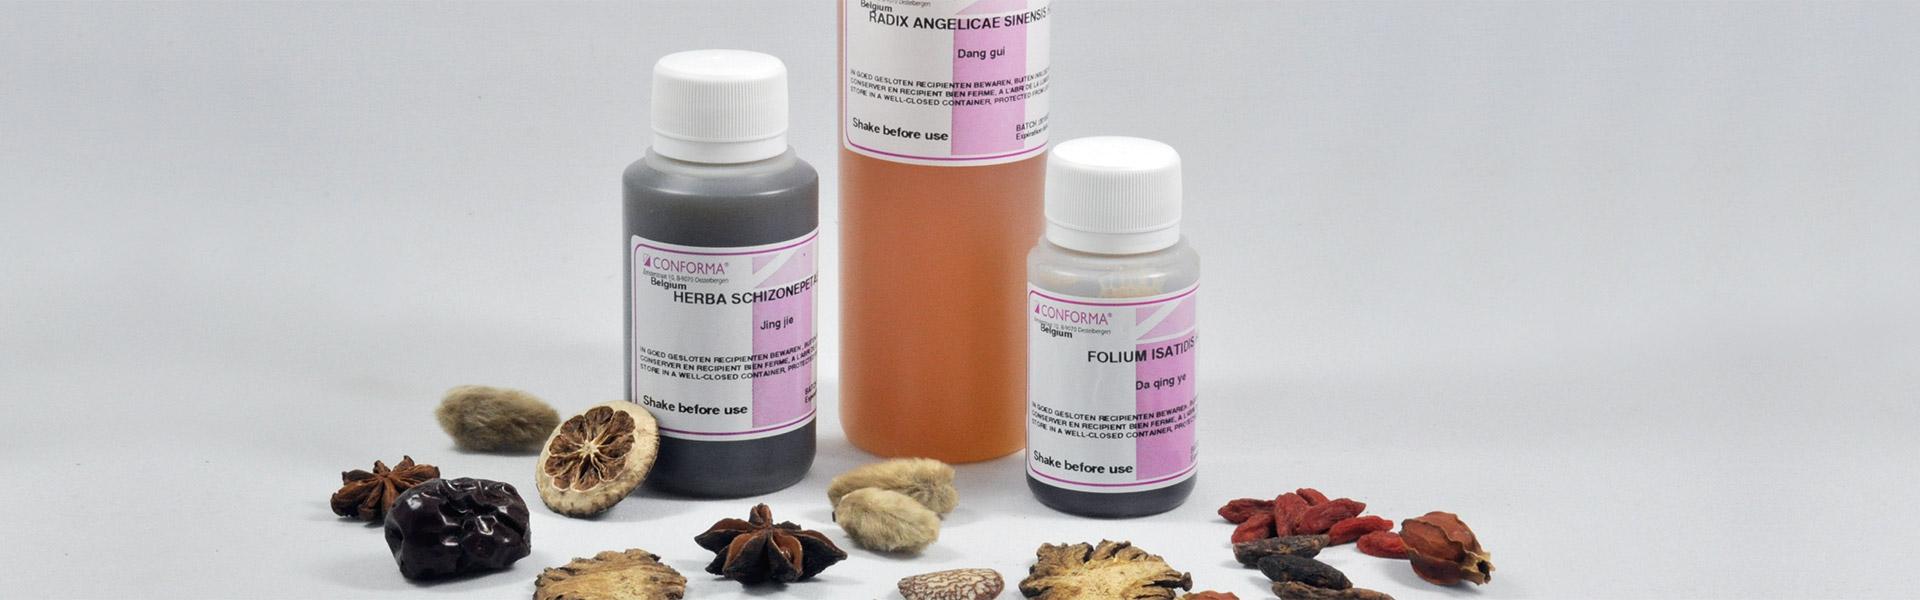 TCM, Hydrophile Konzentrate, Pflanzenextrakte, Chinesische Phytotherapie